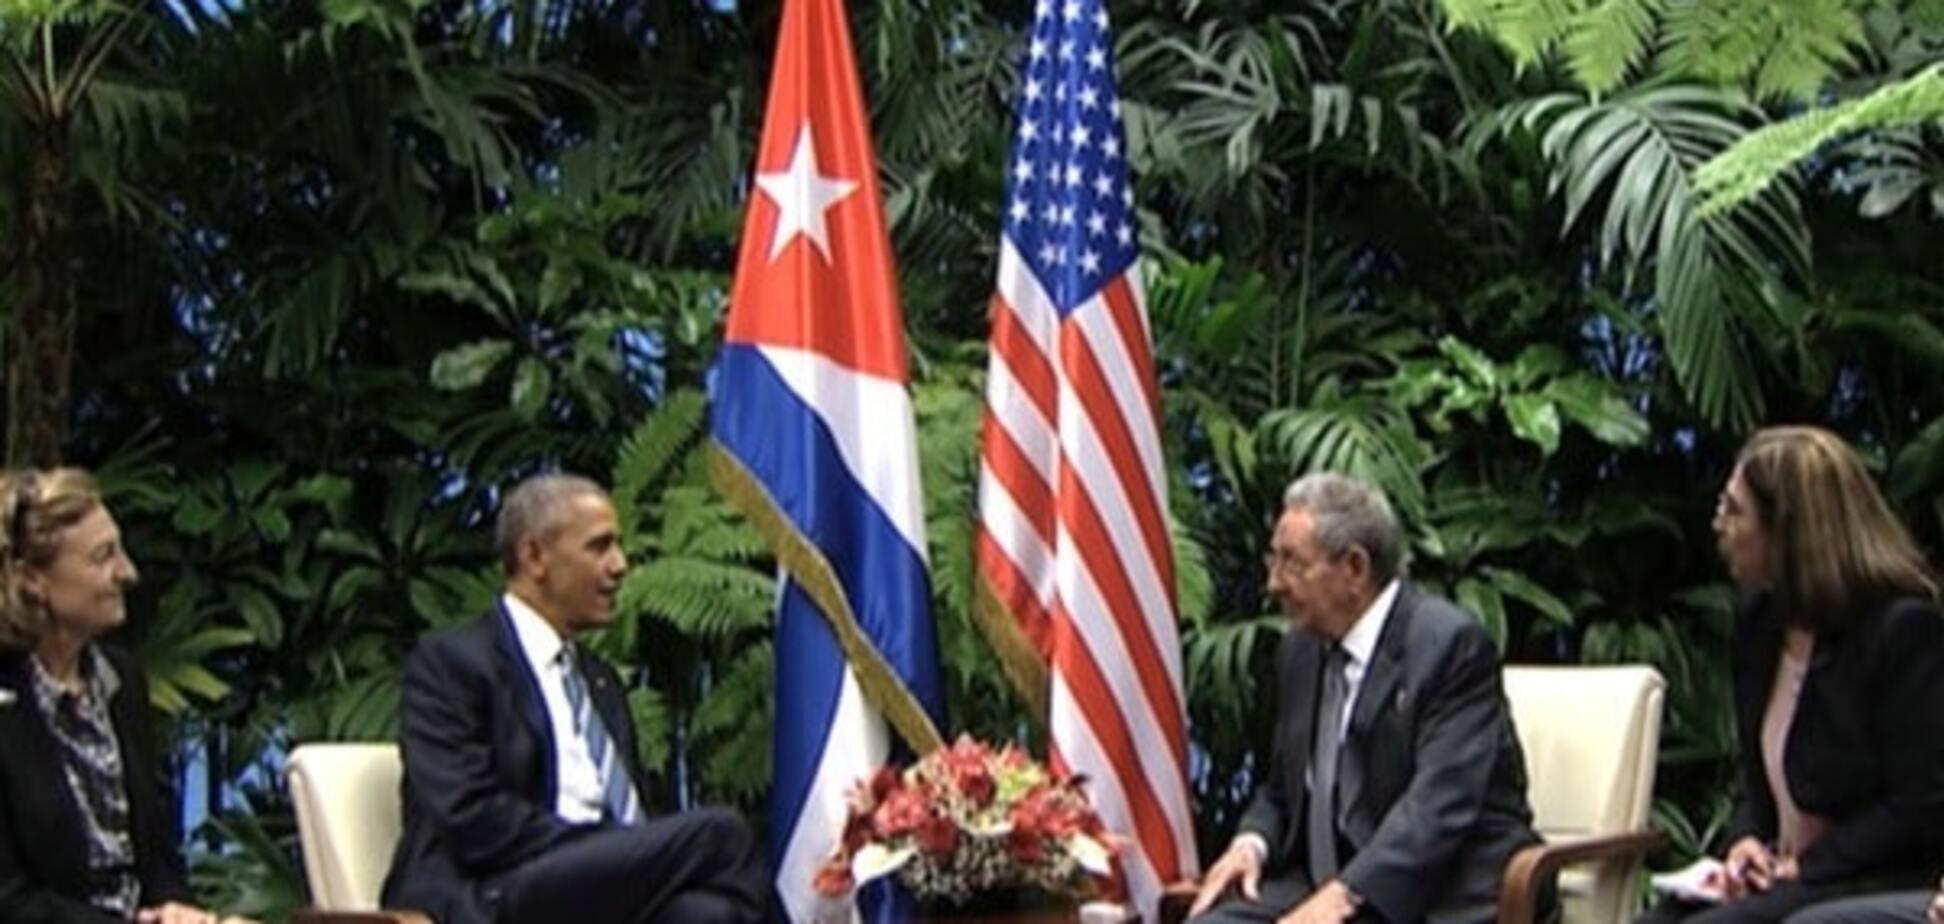 Дякую, Америка! Кастро в присутності Обами відреагував на закінчення блокади Куби